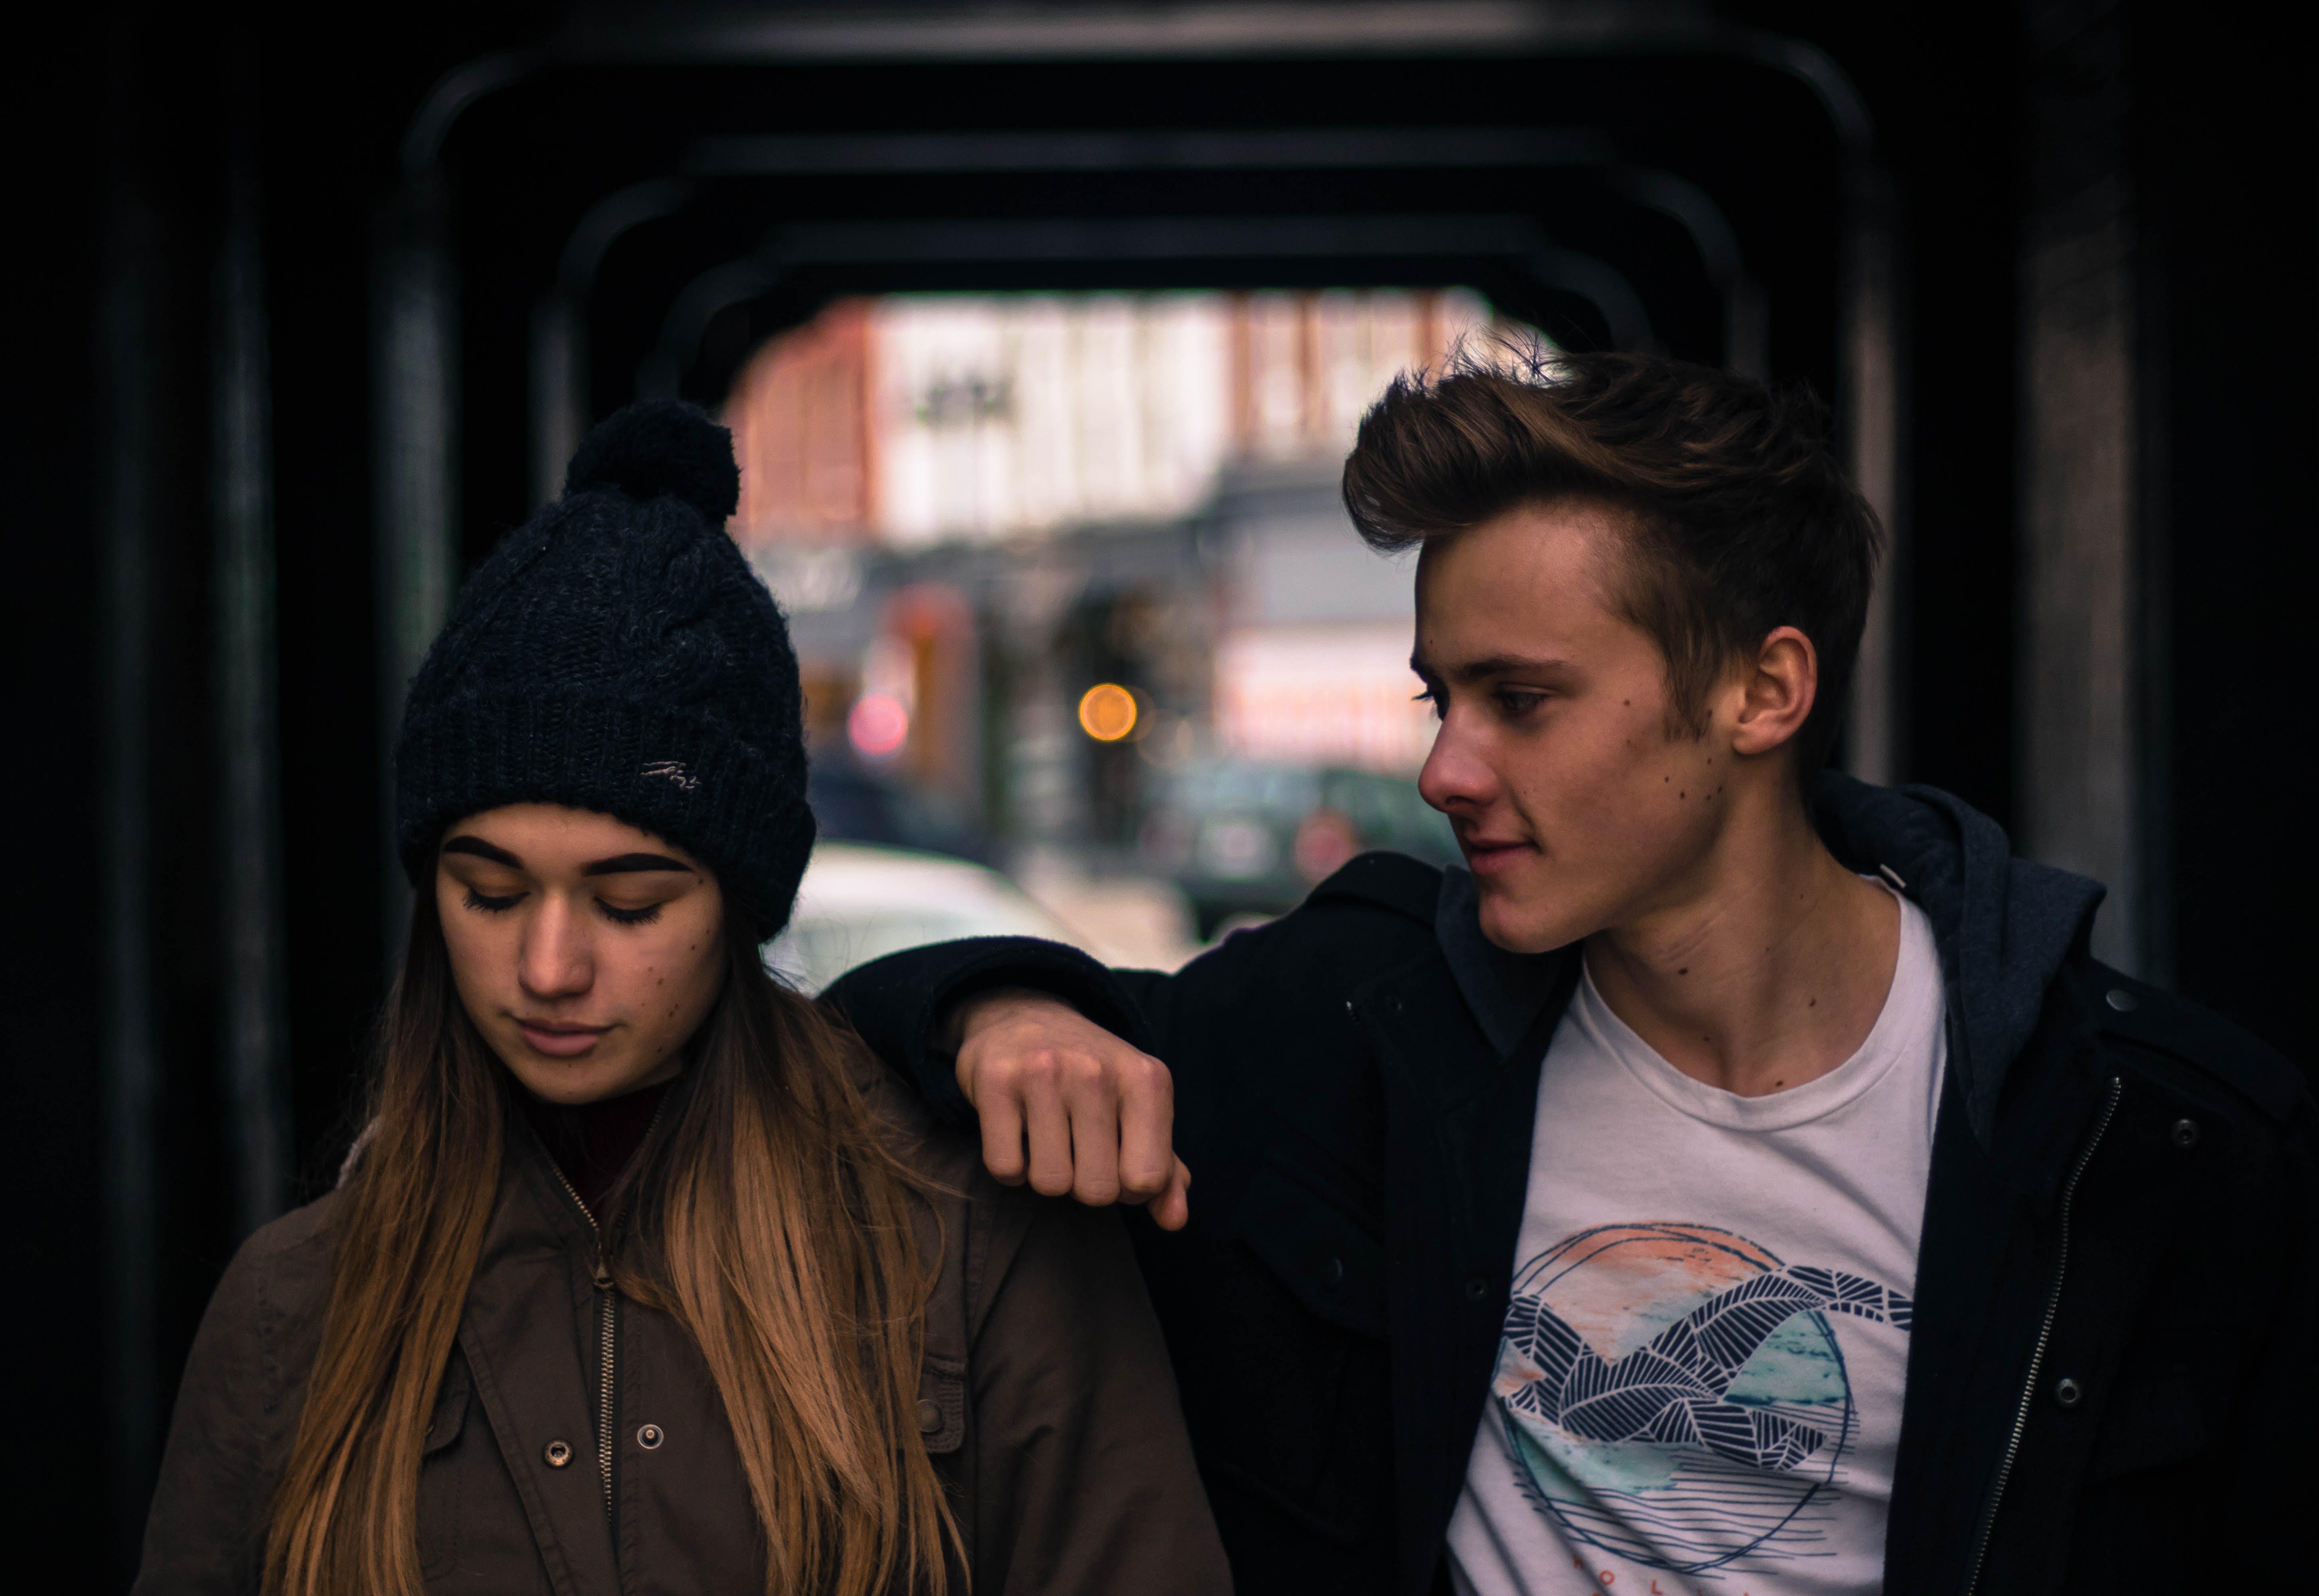 Бесплатное стоковое фото с Взрослый, вместе, город, городской